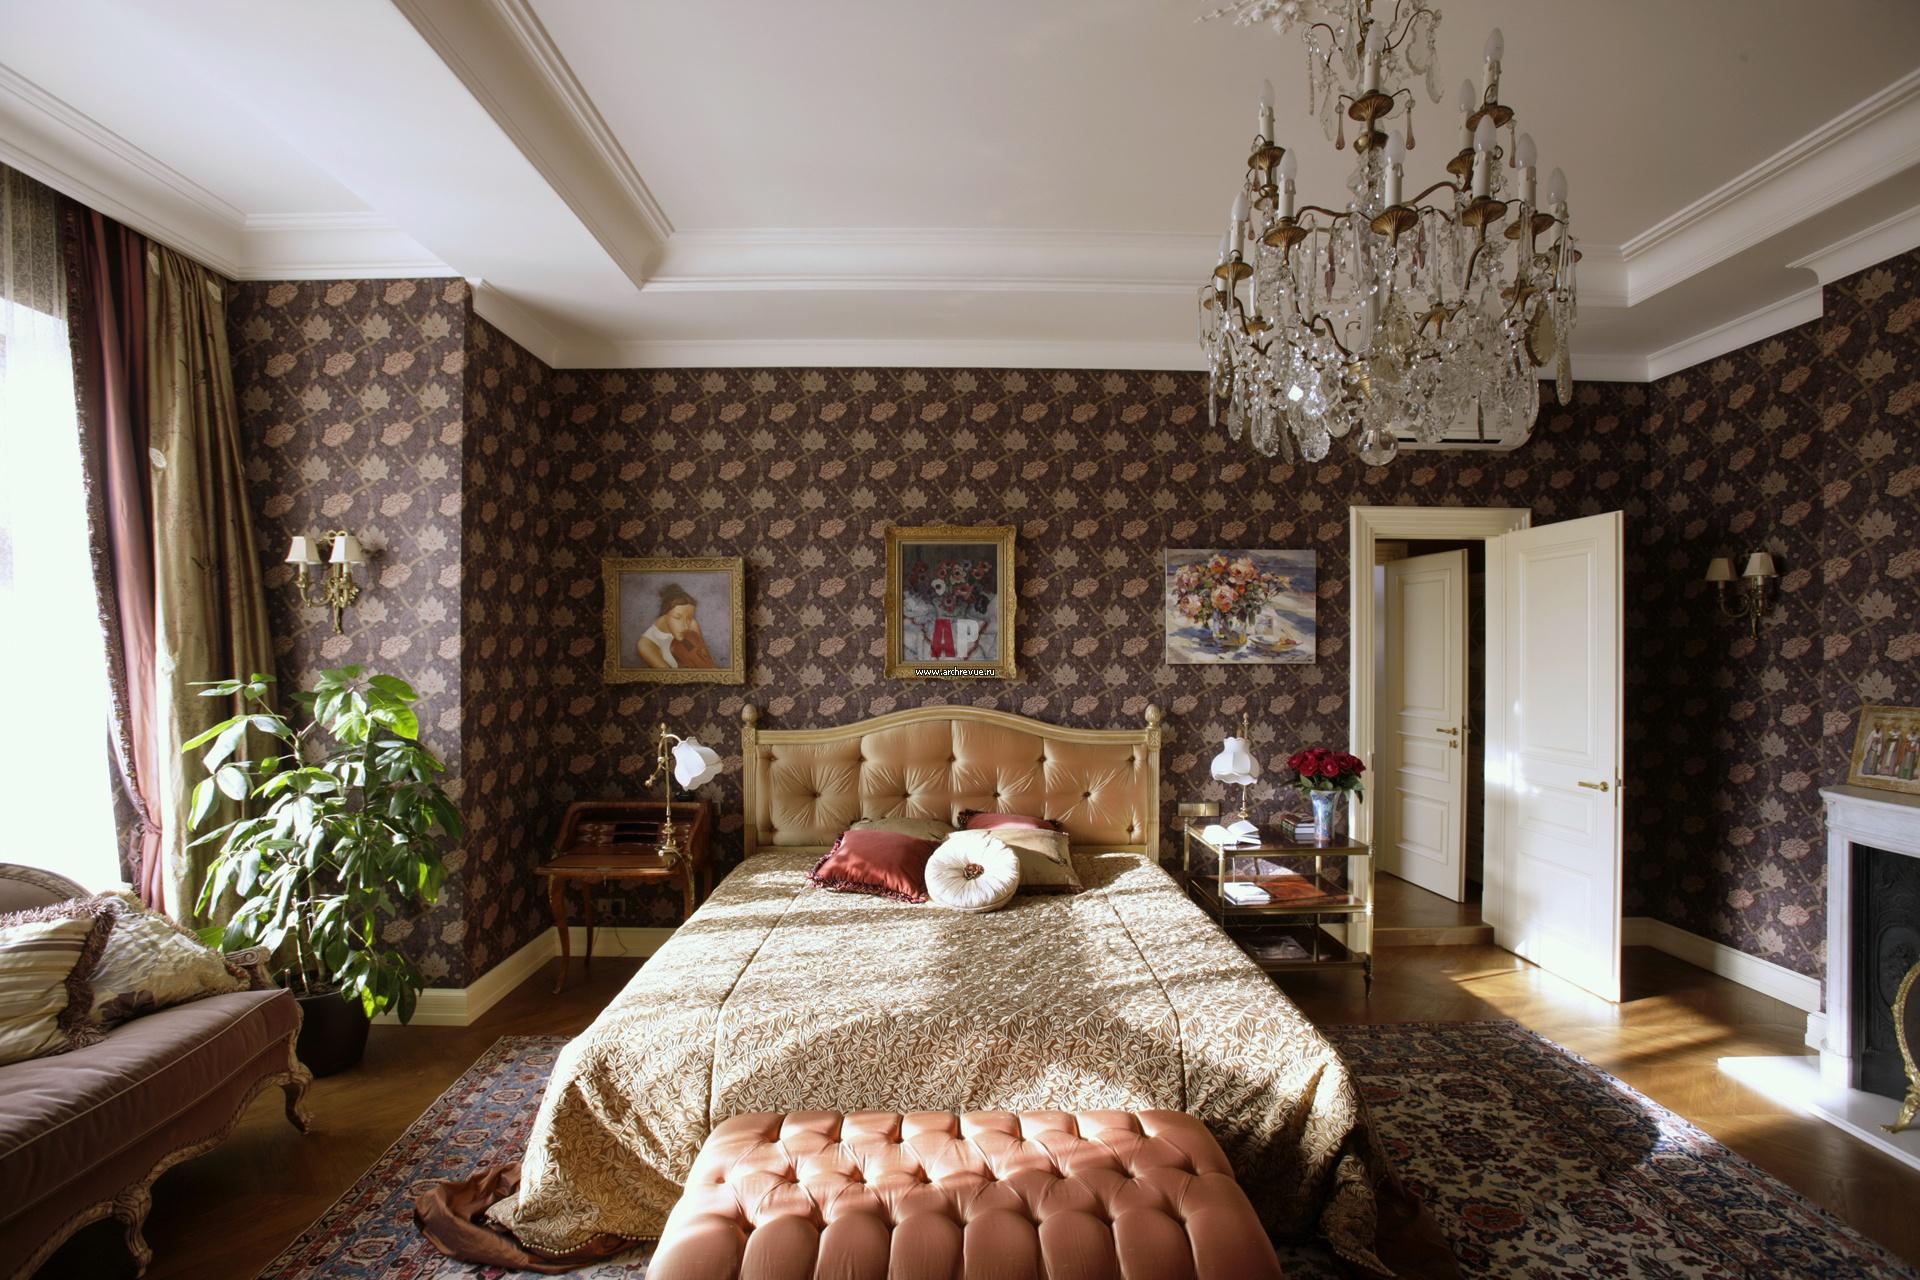 Camera da letto in stile inglese (37 foto): interior design